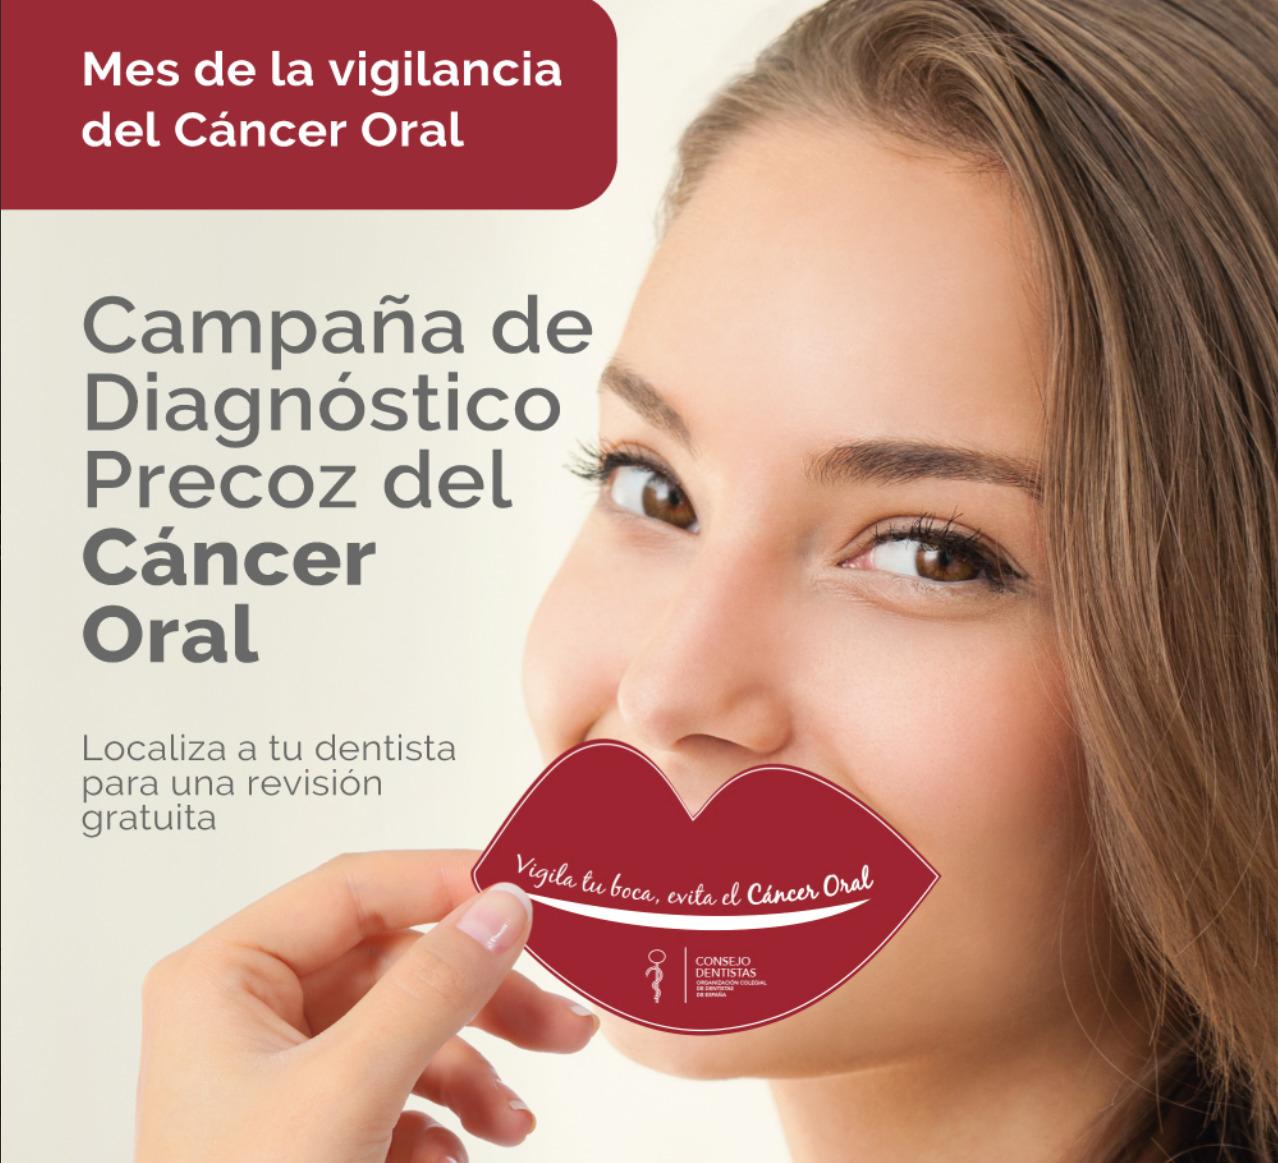 Campaña diagnóstico precoz del cáncer oral: Exámen clínico bucodentral gratis